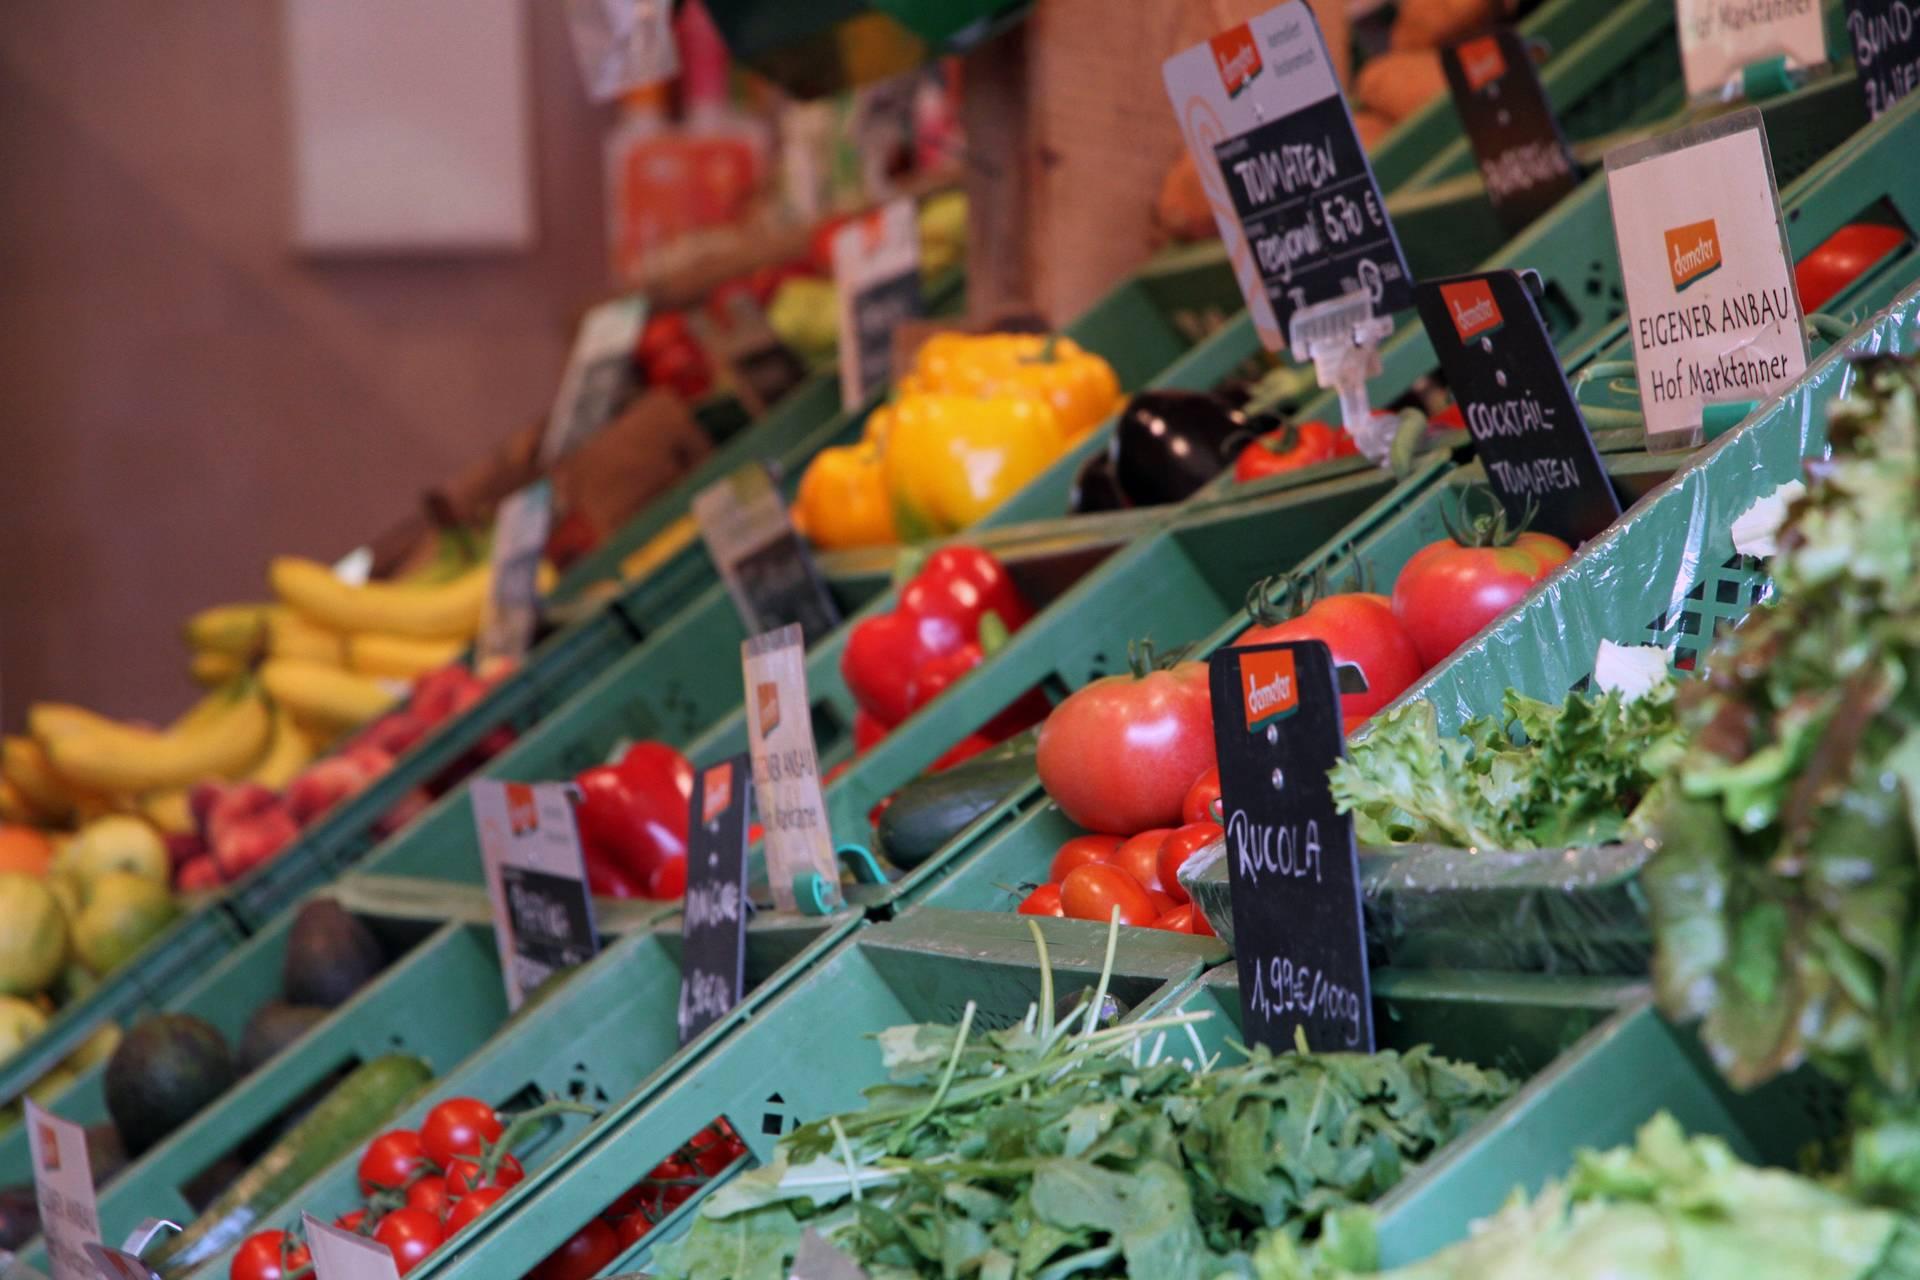 Frisch vom Feld: Öko-Tomaten aus eigenem Anbau der Familie Niessen.